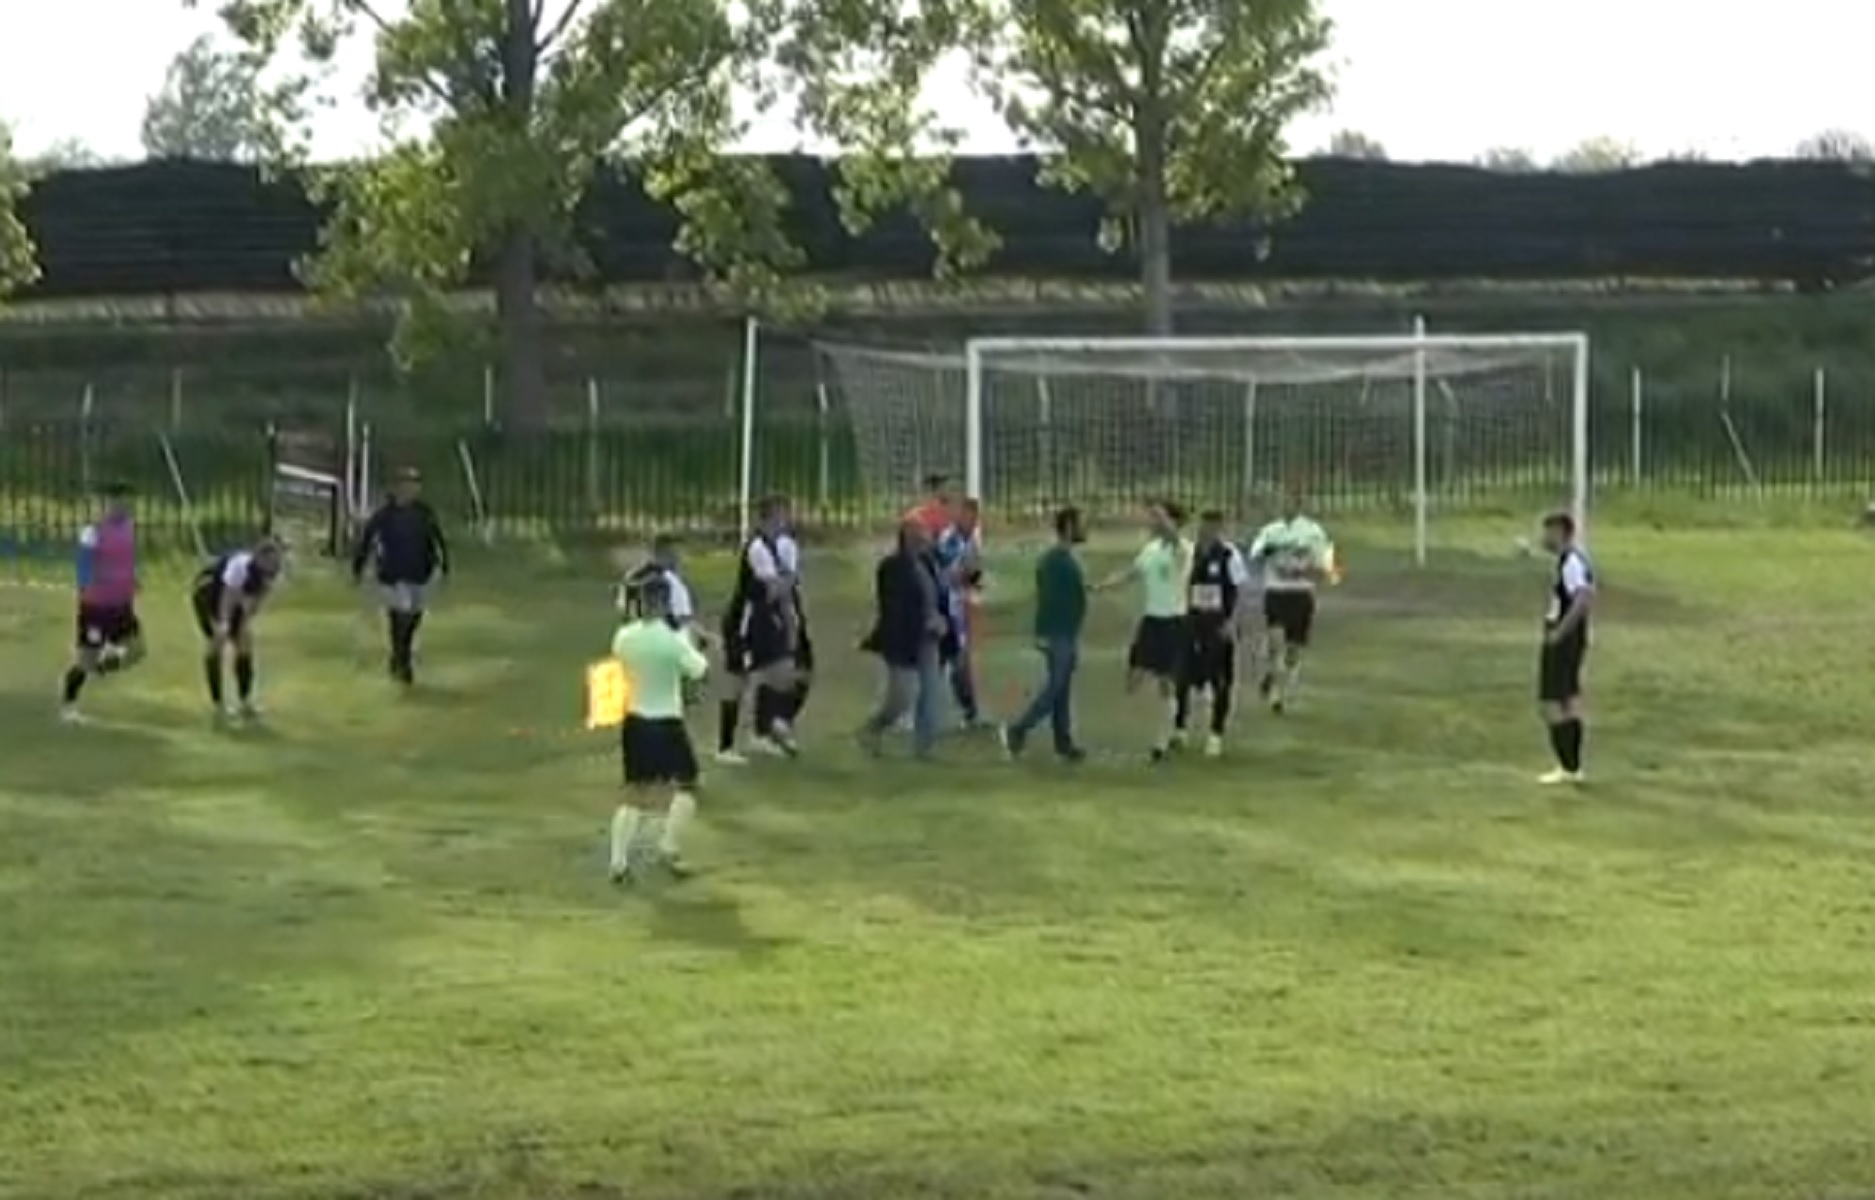 Γ' Εθνική: «Ντου» στο διαιτητή από παίκτες και παράγοντες και διακοπή αγώνα στην Ημαθία